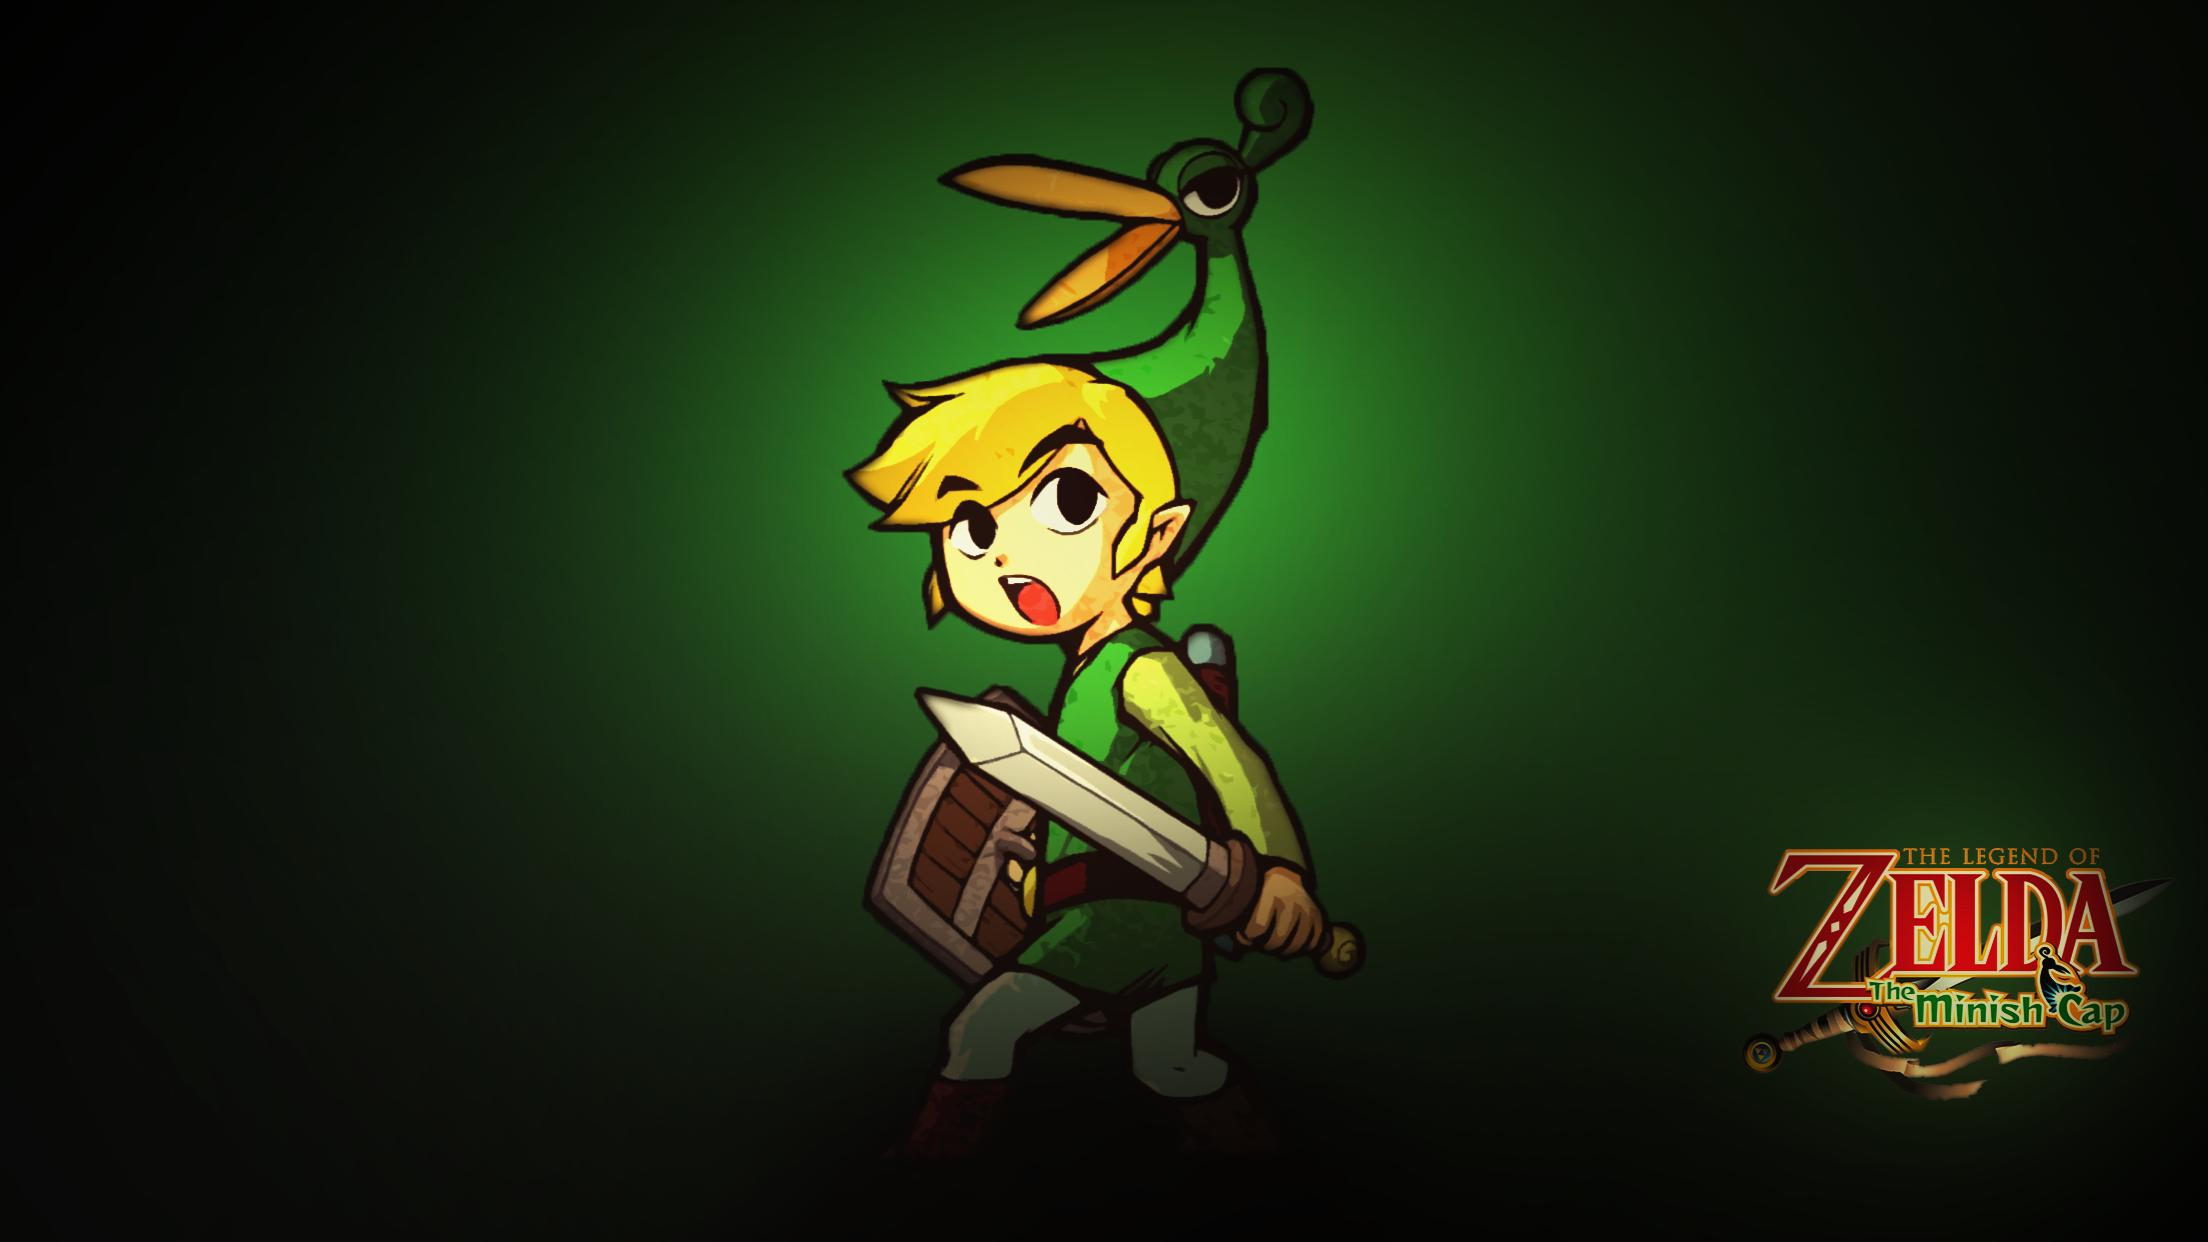 Legend Of Zelda Minimalist Poster Feedback Appreciated Oc Zelda